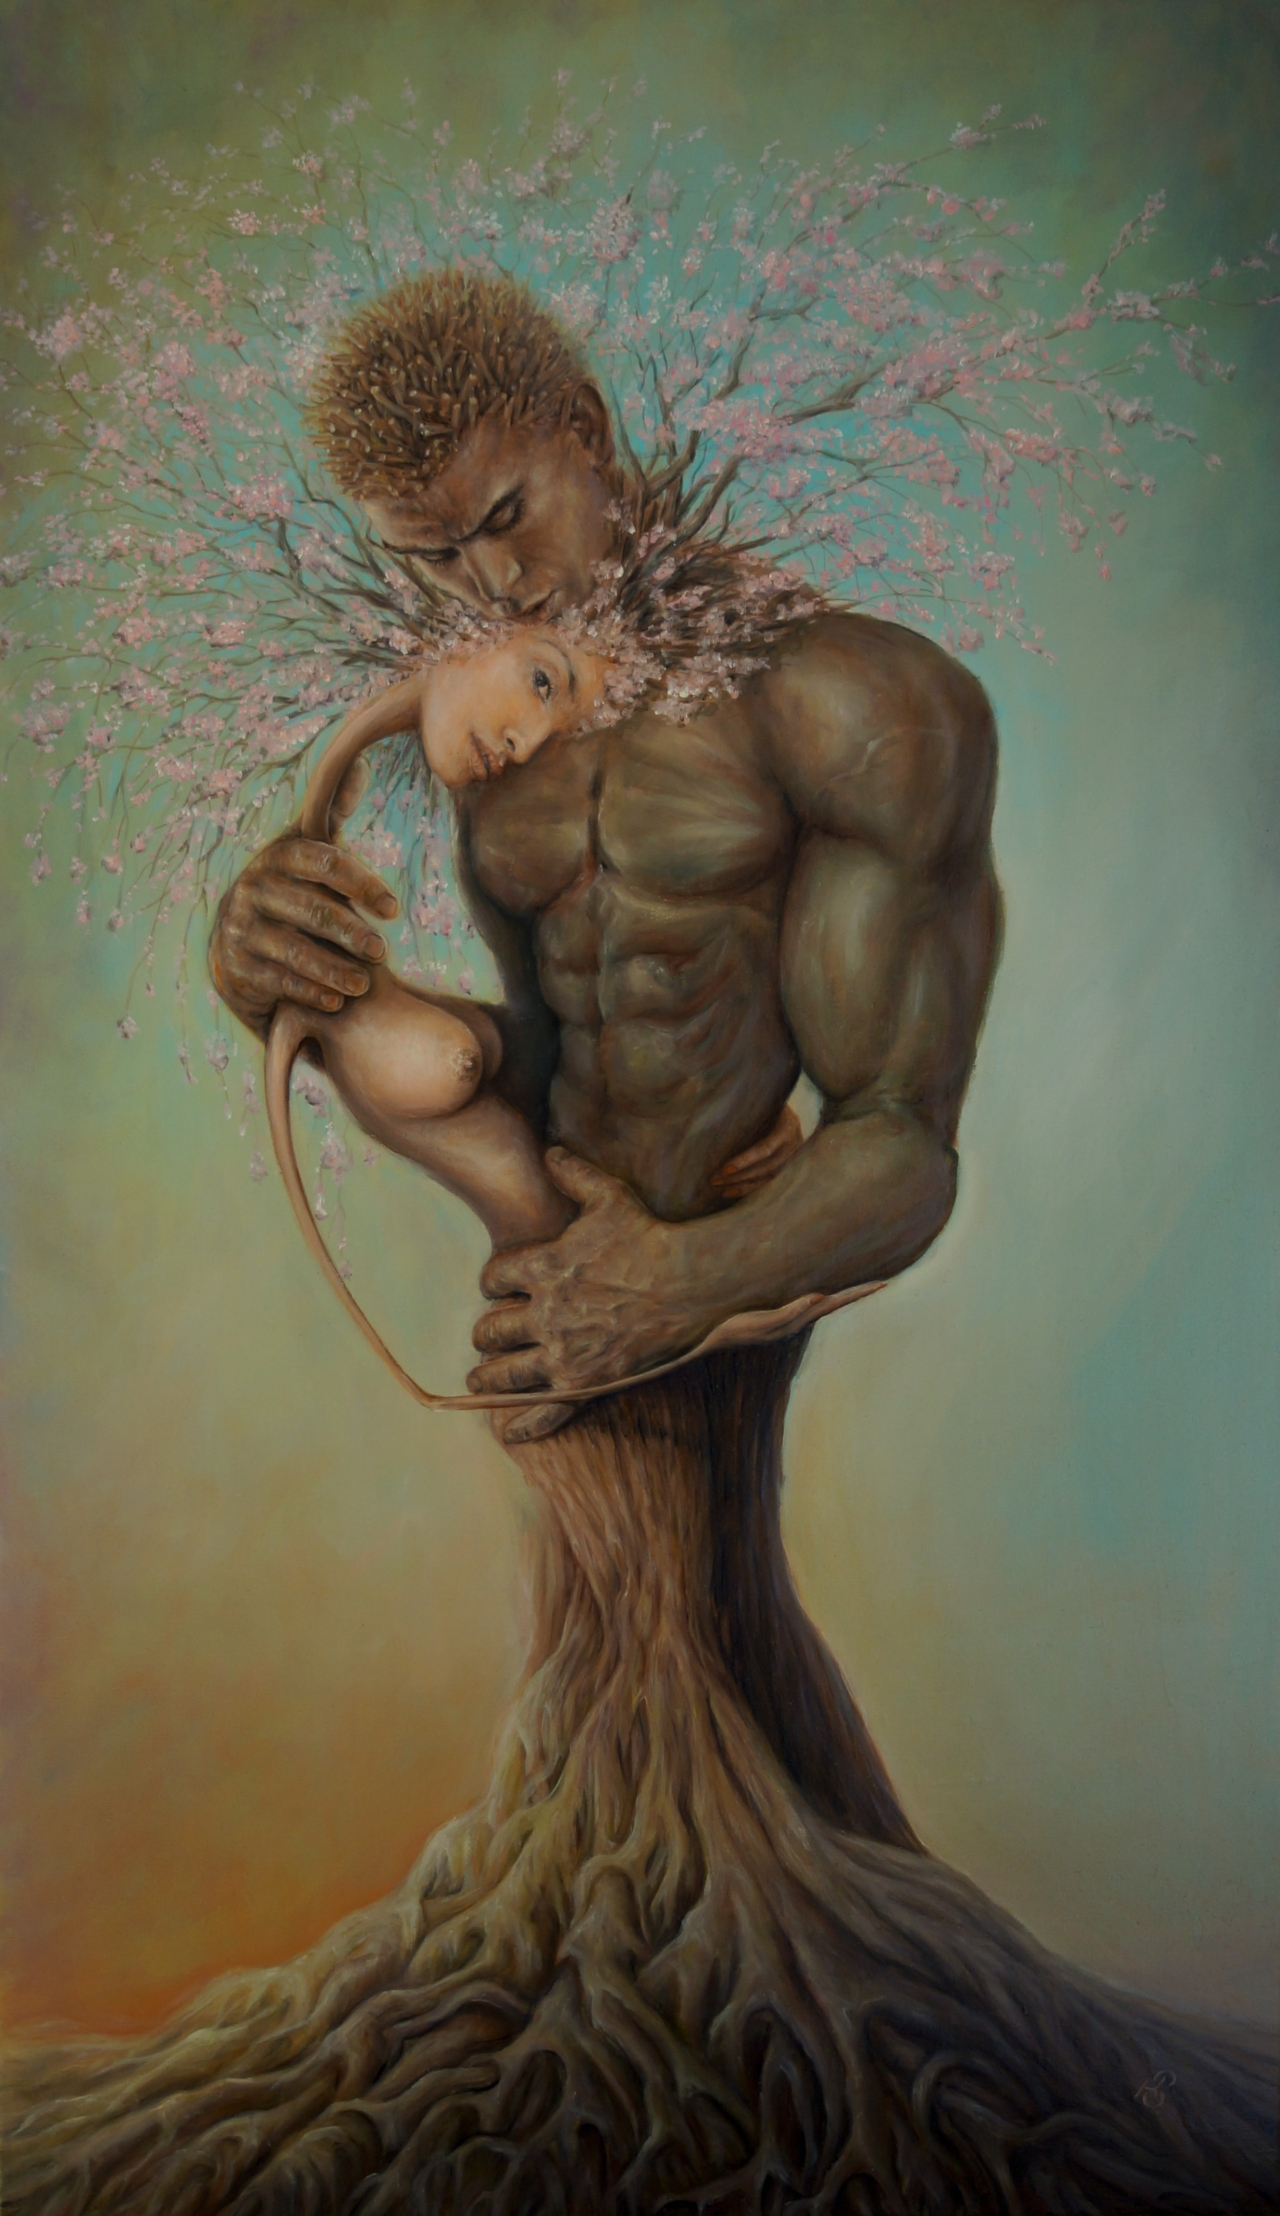 Мастер-класс по живописи (многослойной) от художника Сергея Колесникова (KS)